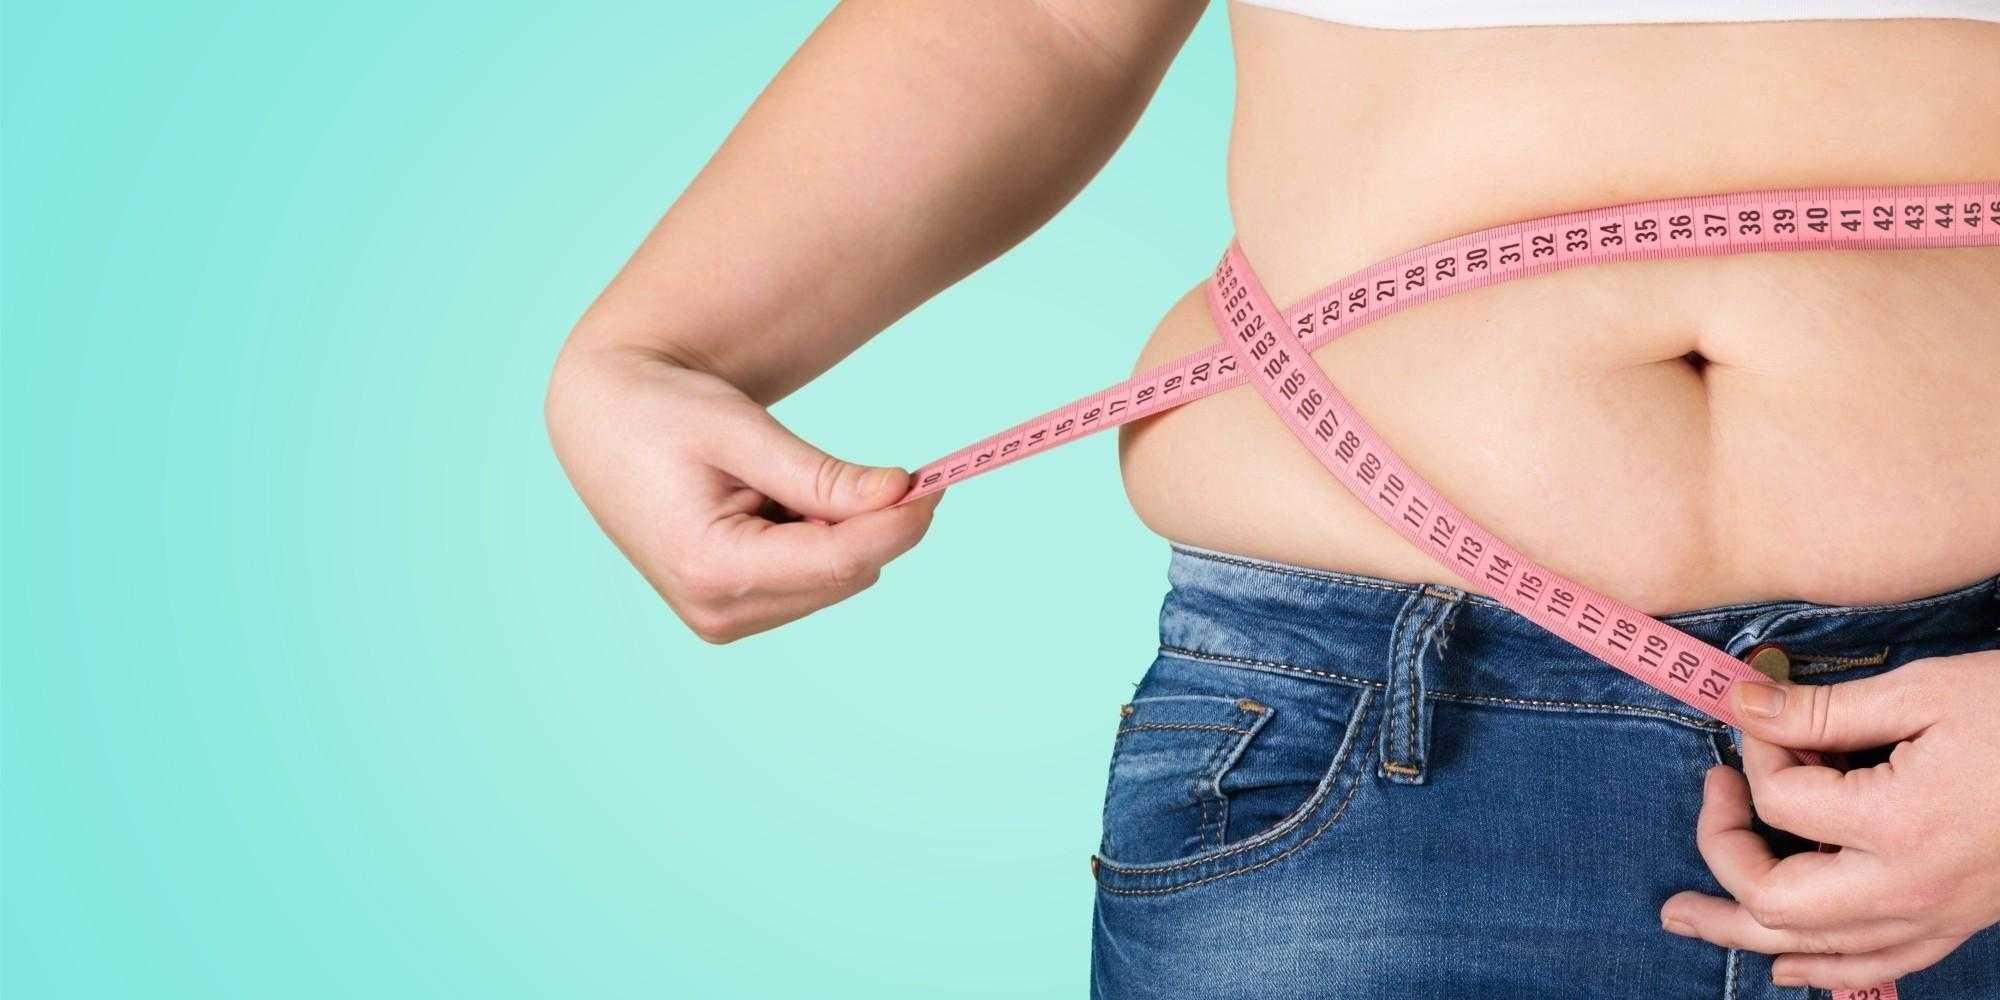 Obezite Cerrahisi Yöntemleri ve Obezite İle Alakalı Merak Edilenler